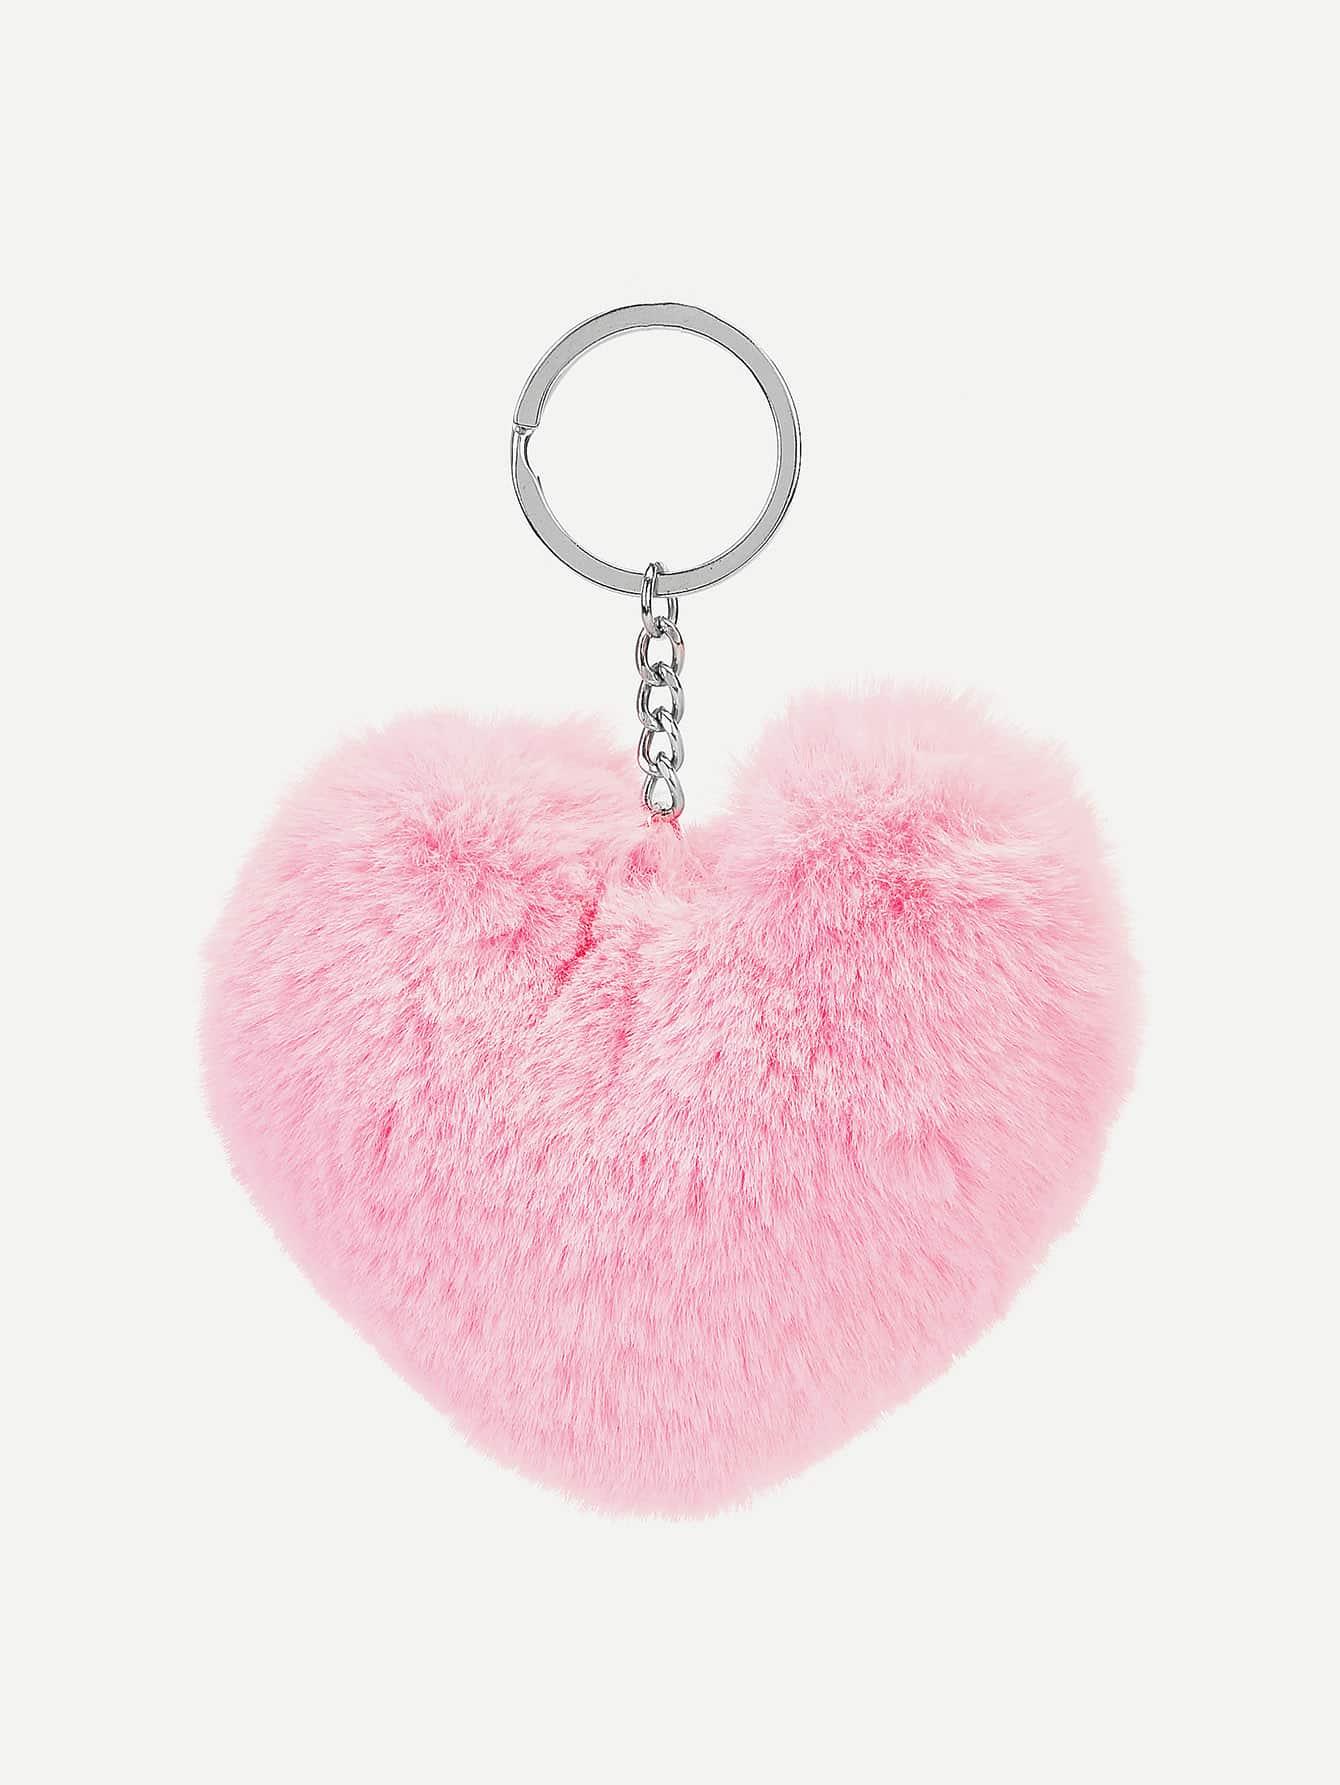 Купить Брелок для ключей в форме пушистого сердца, null, SheIn